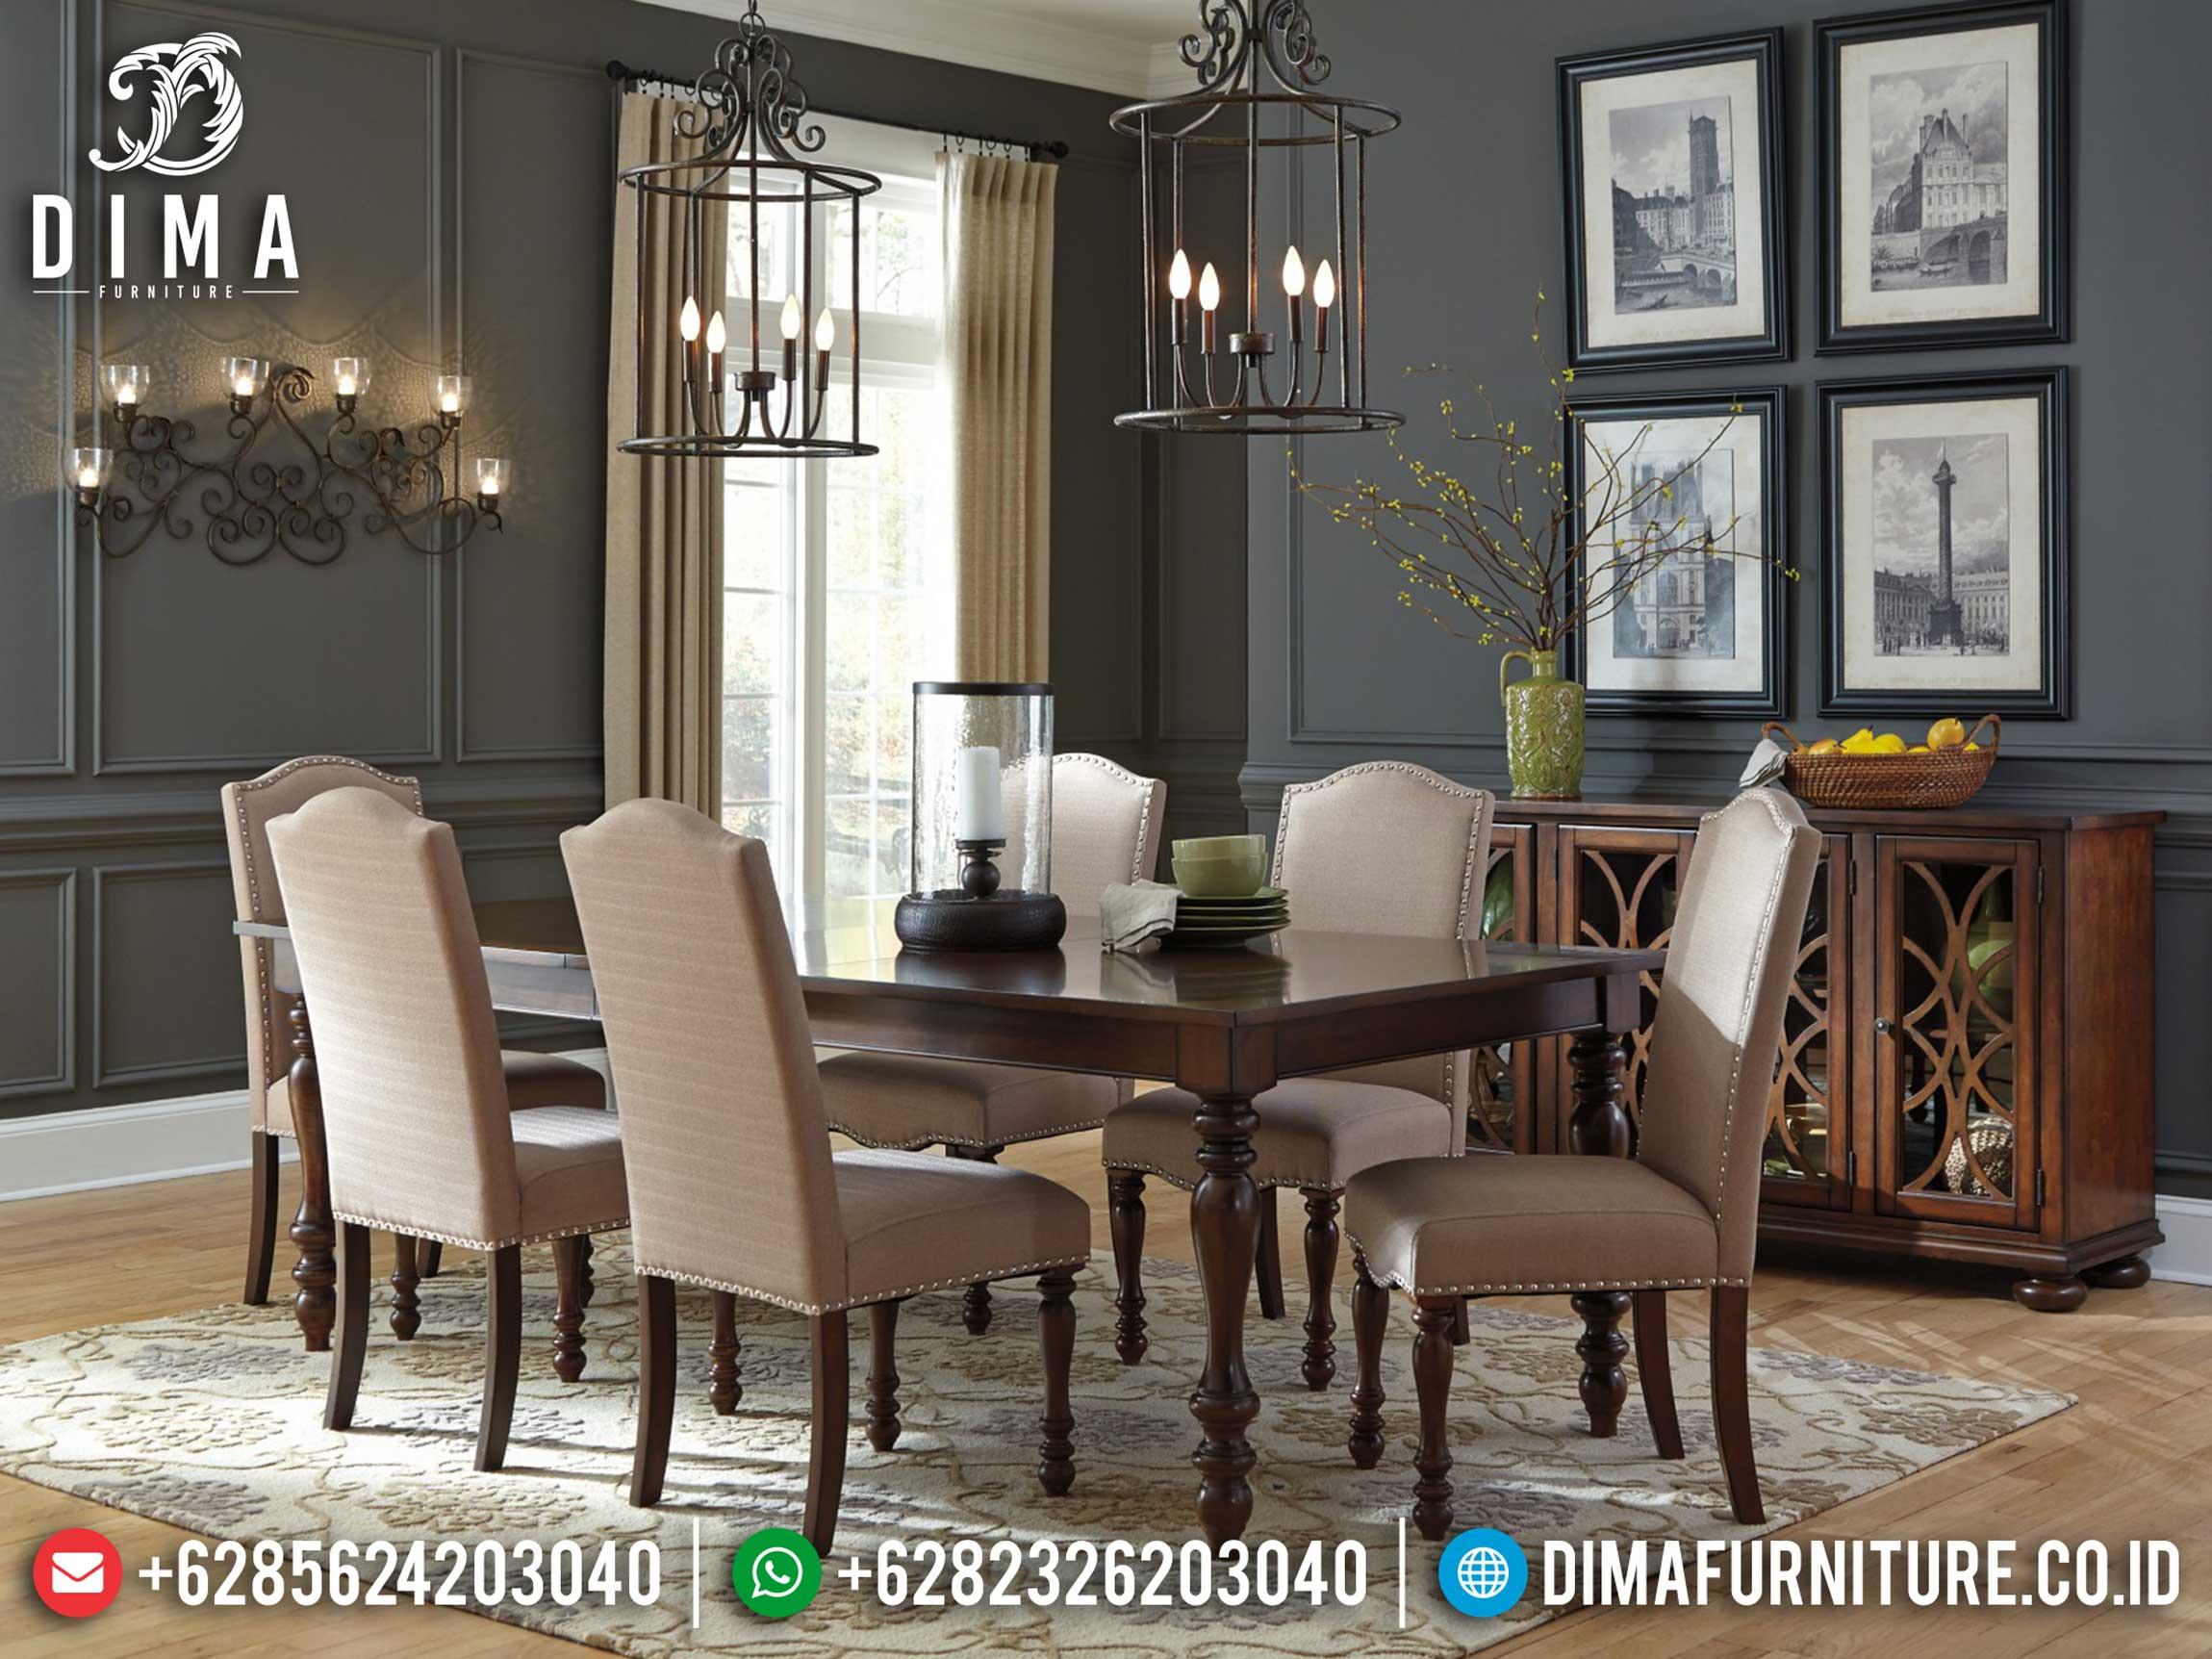 Model Meja Makan Minimalis Jati Klasik Natural Dark Brown Great Solid Wood ST-0922